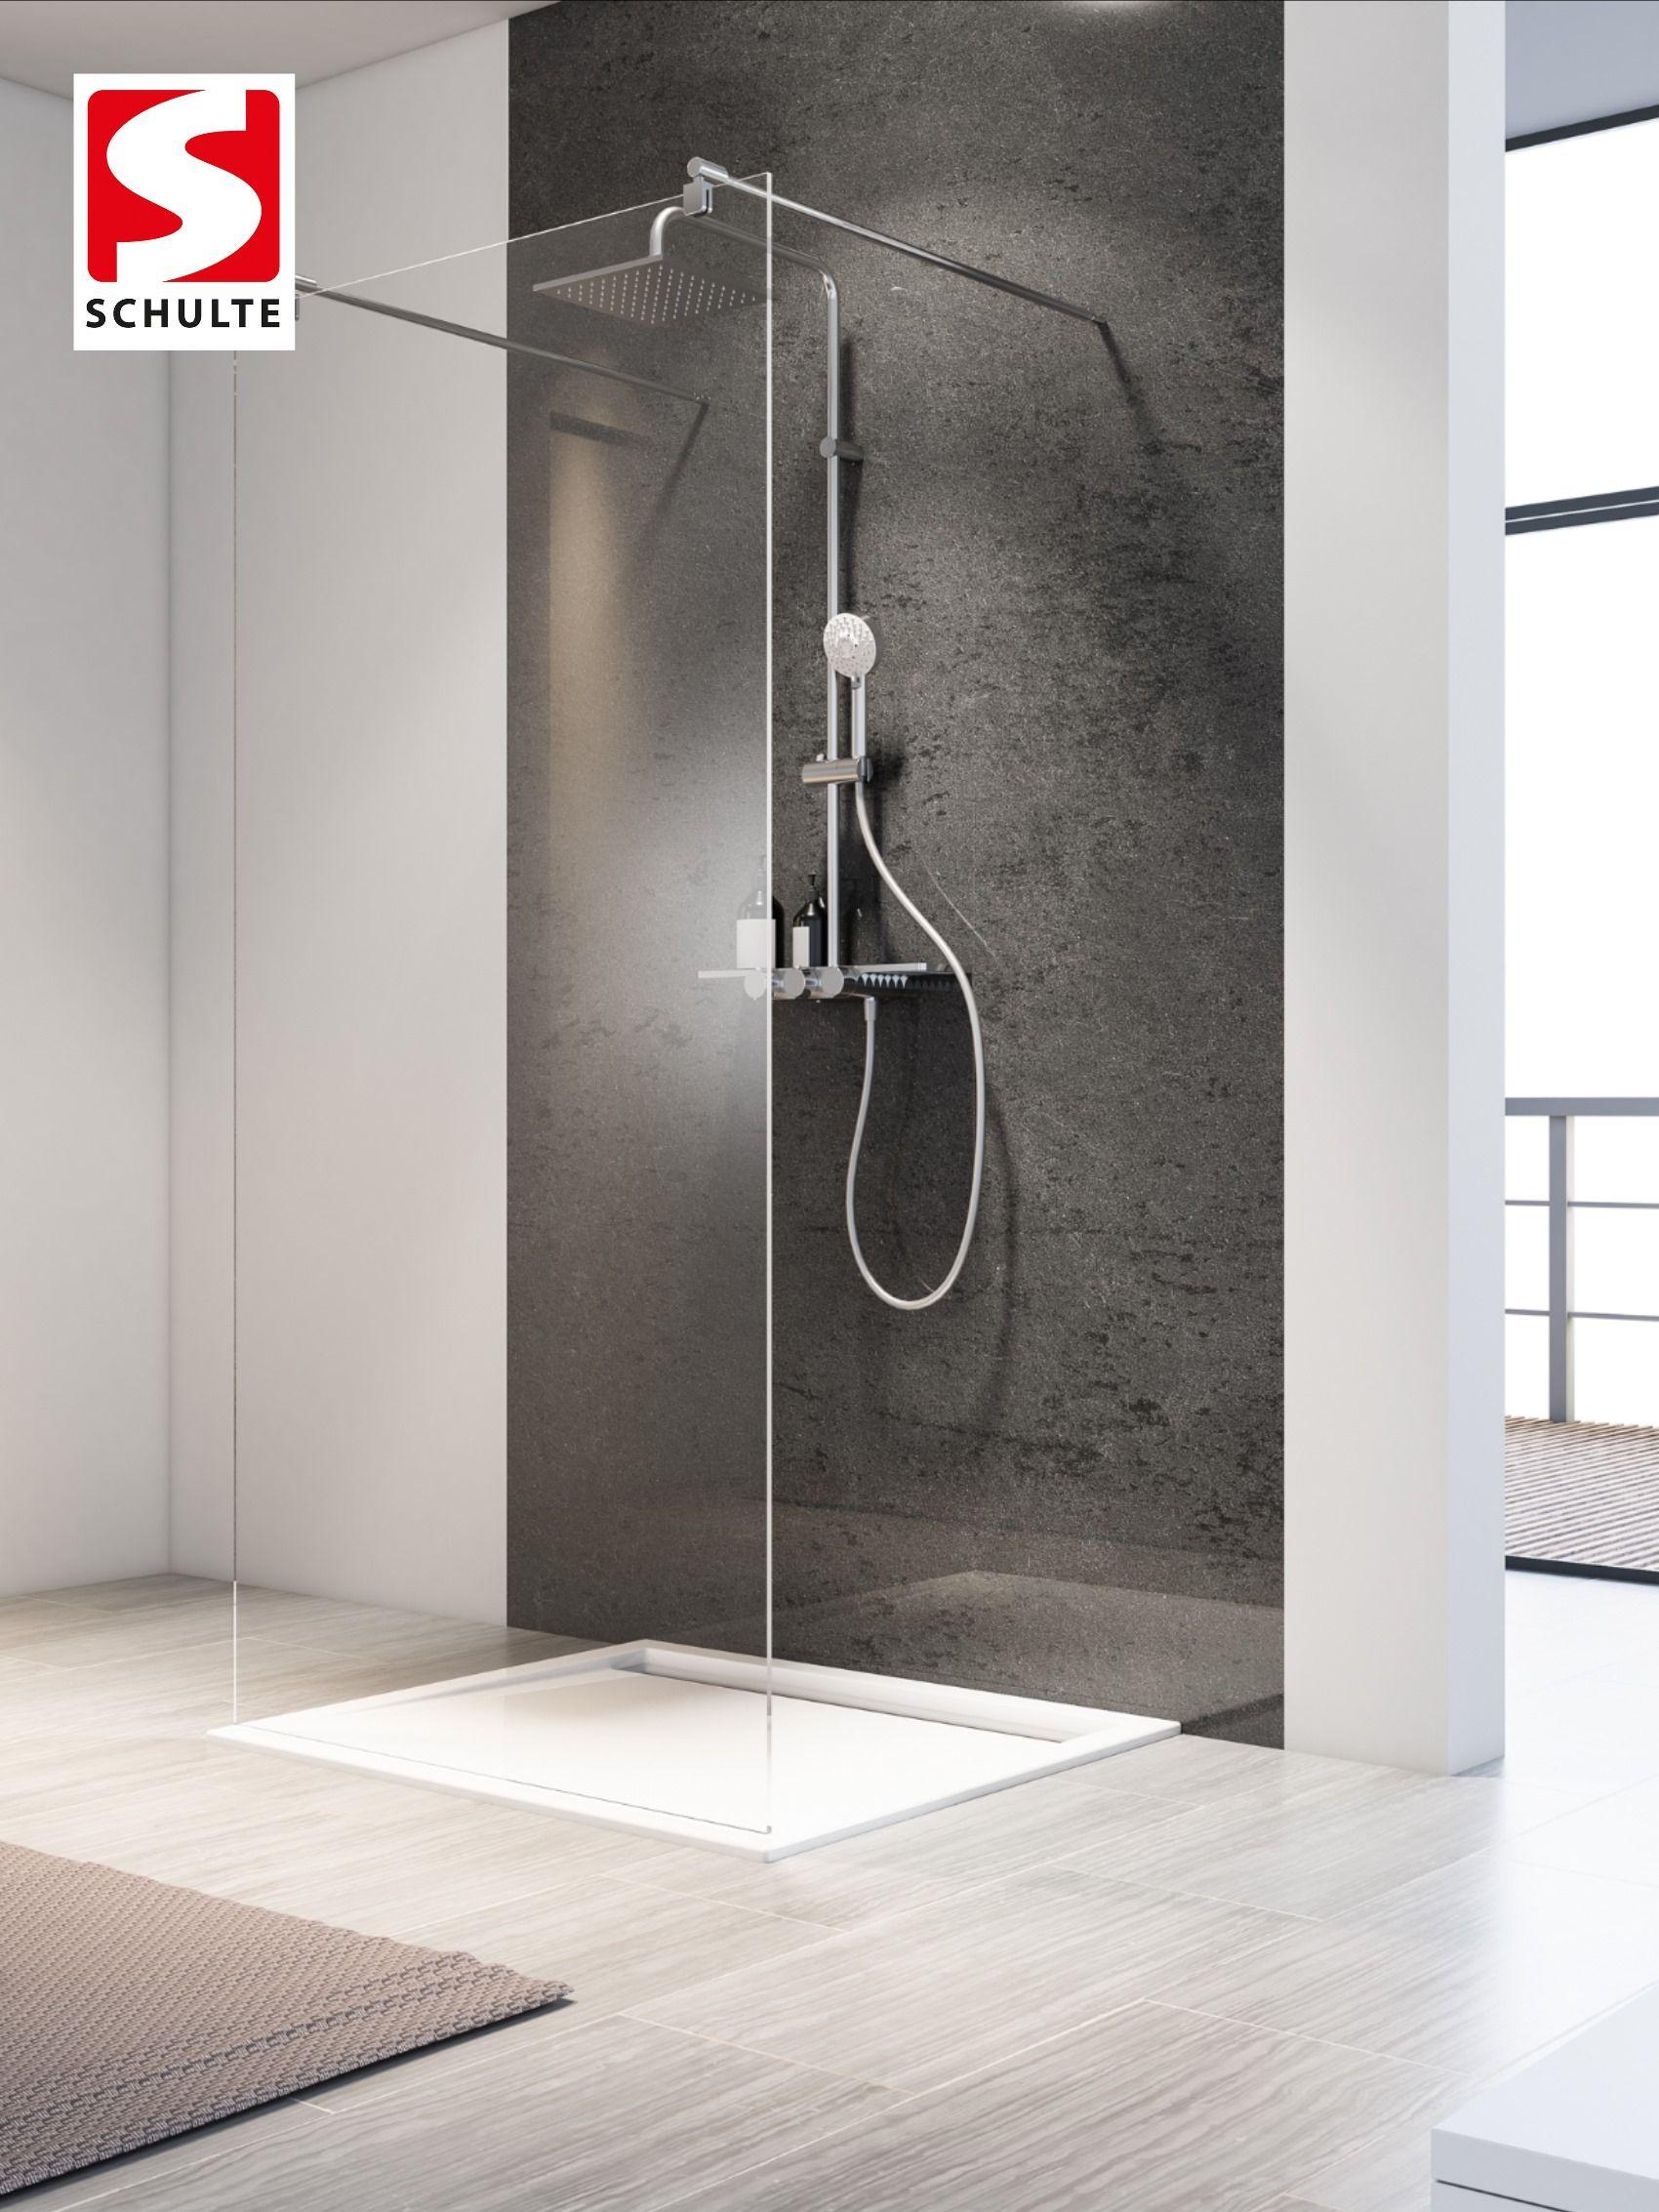 Schulte Duschkabine Individuell Davita Duschwand Walk In Freistehend In 2020 Duschkabine Dusche Duschwand